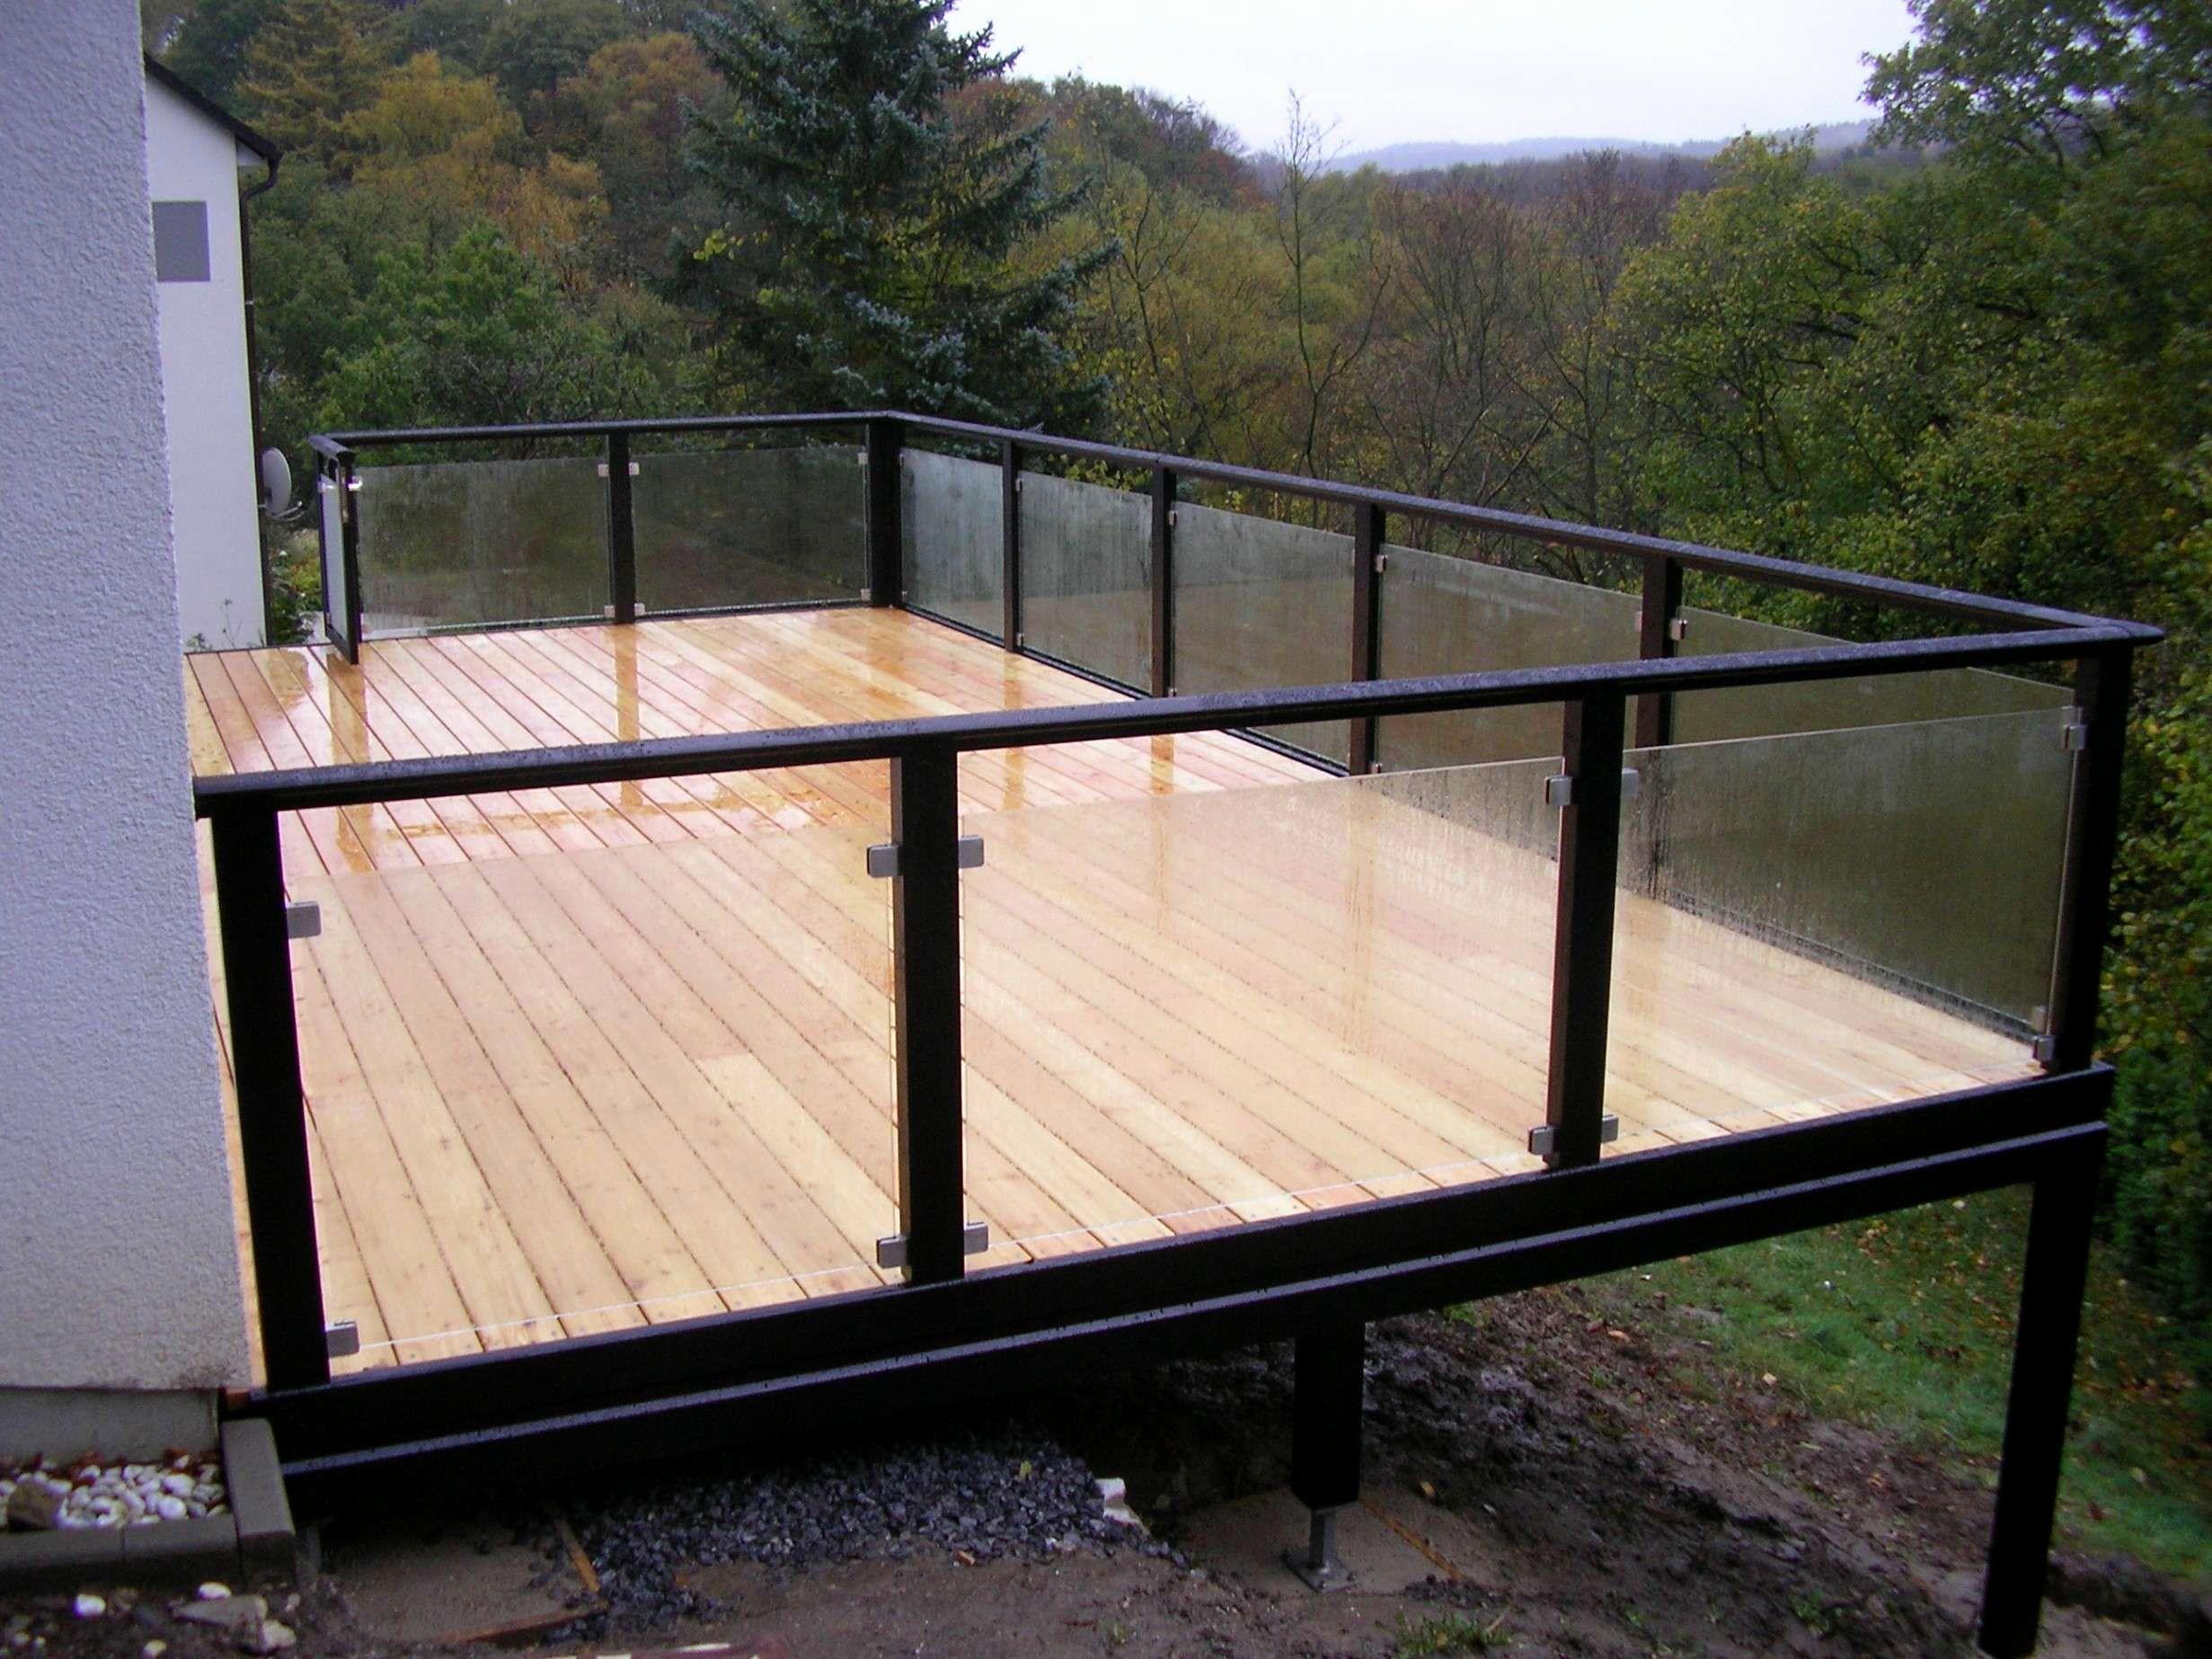 Ikea Balkonmobel Sichtschutzfurbalkon Sichtschutzfurbalkon In